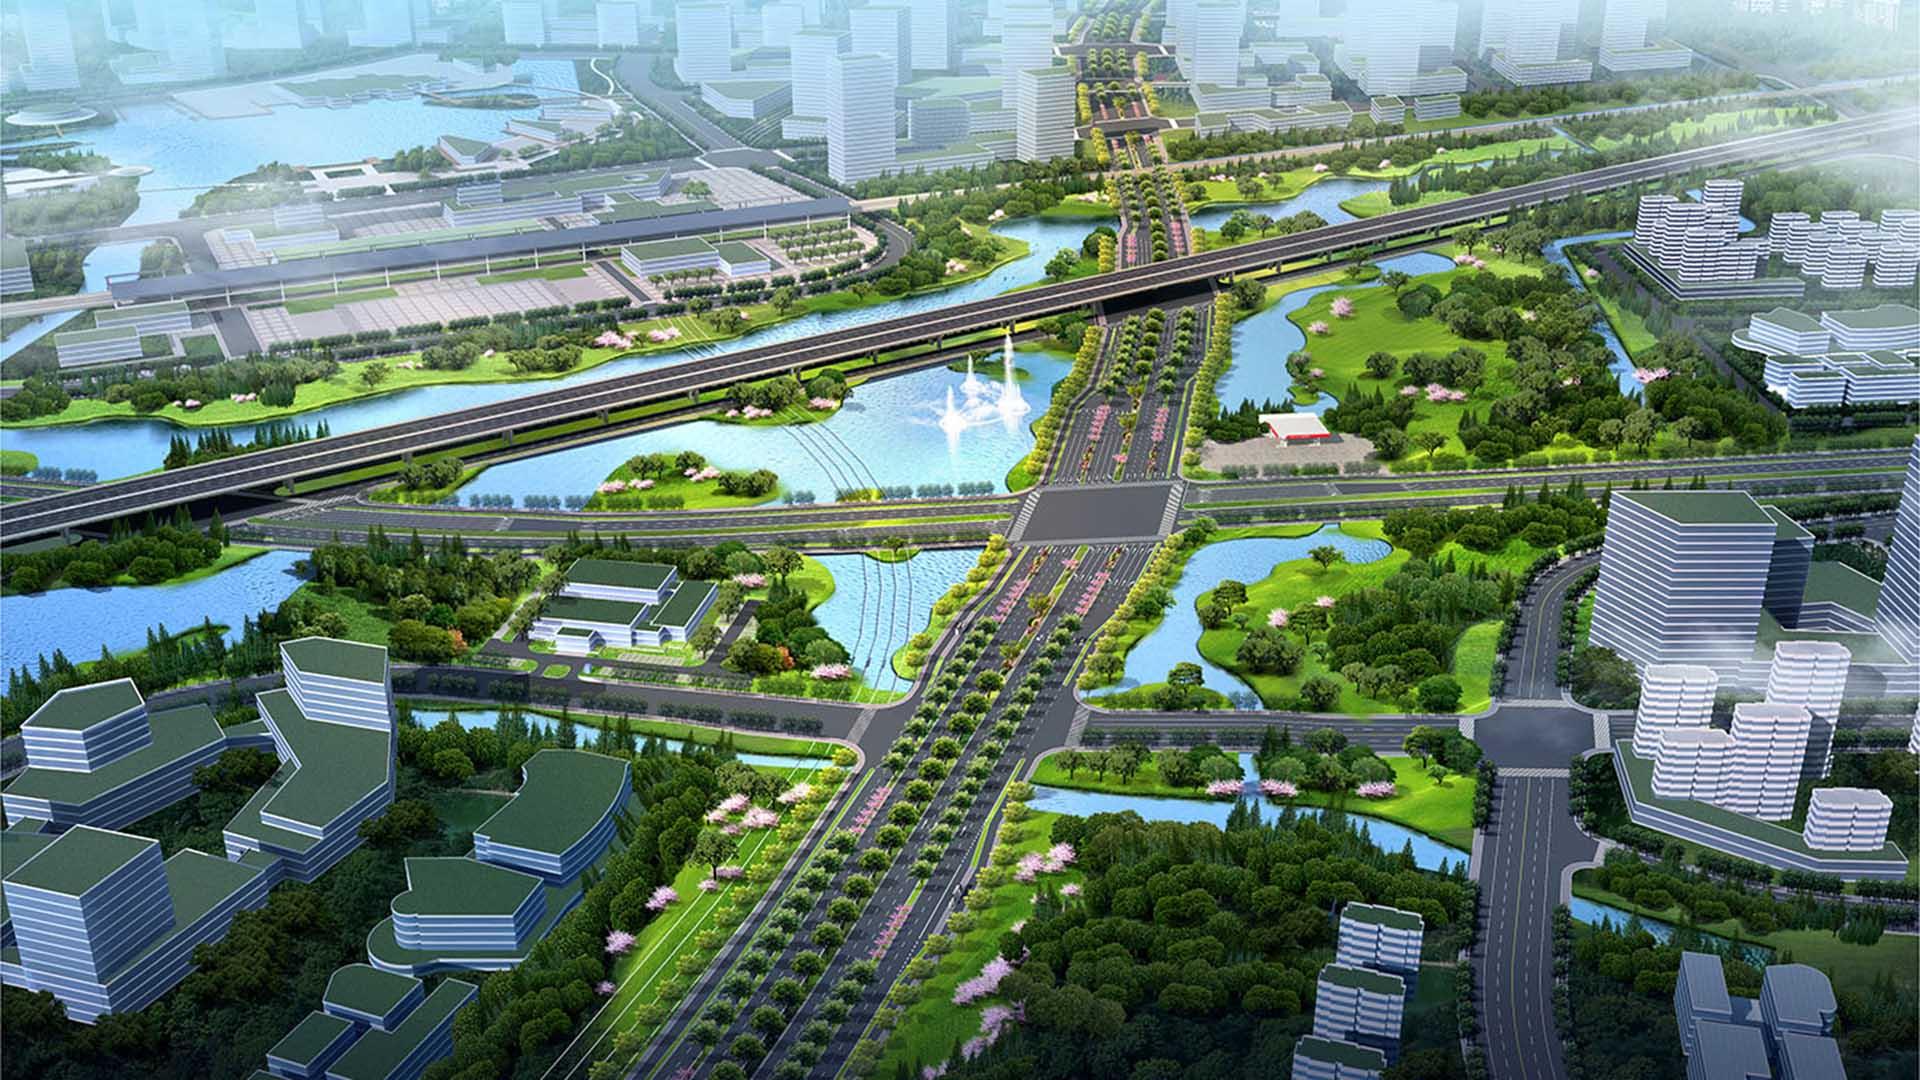 2019--迎宾大道改造提升工程(沪杭高速以南段)一标段     鸟瞰图